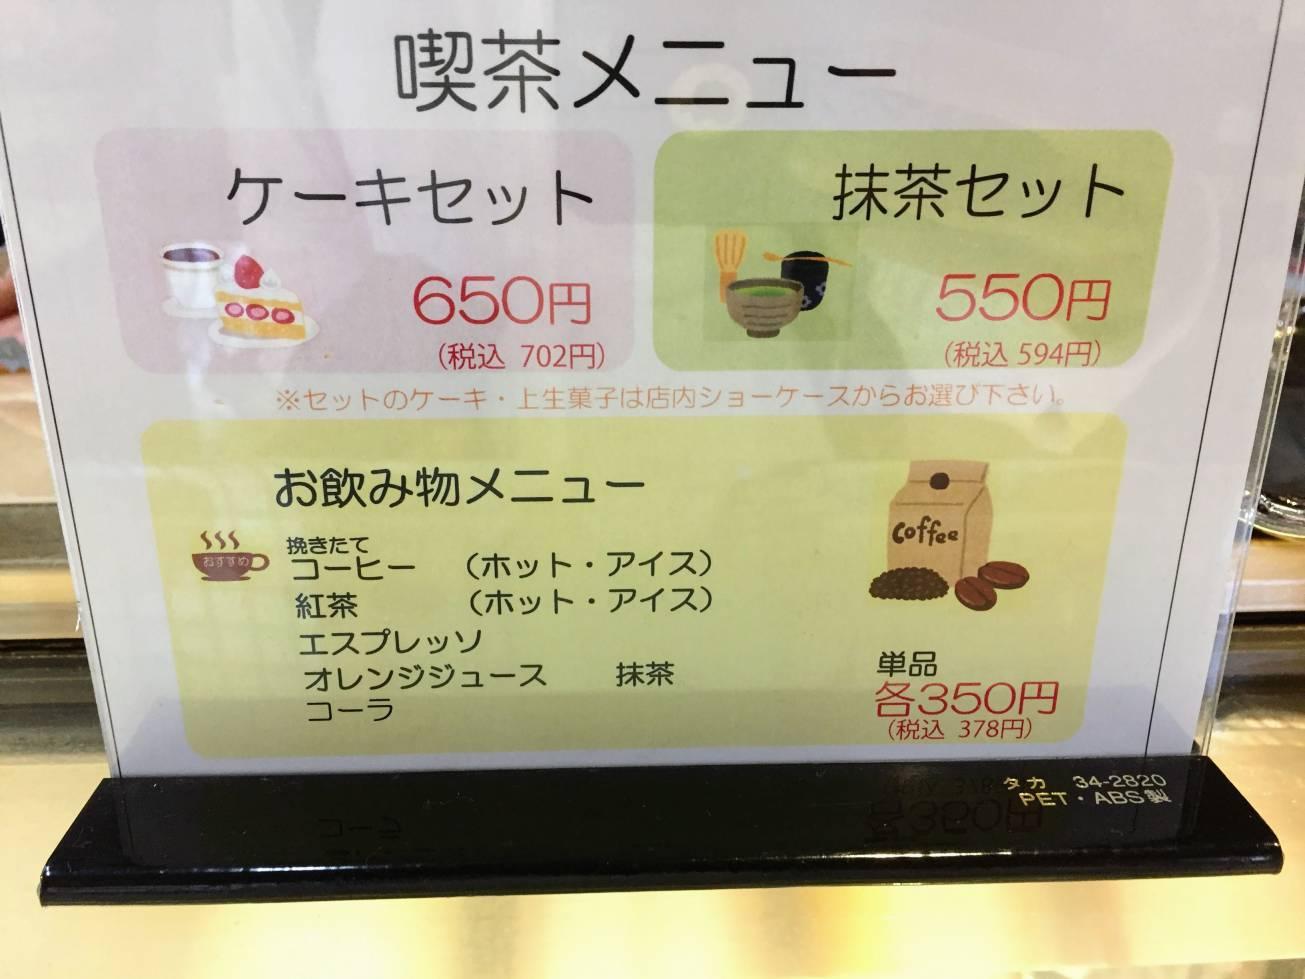 天明堂のカフェの情報